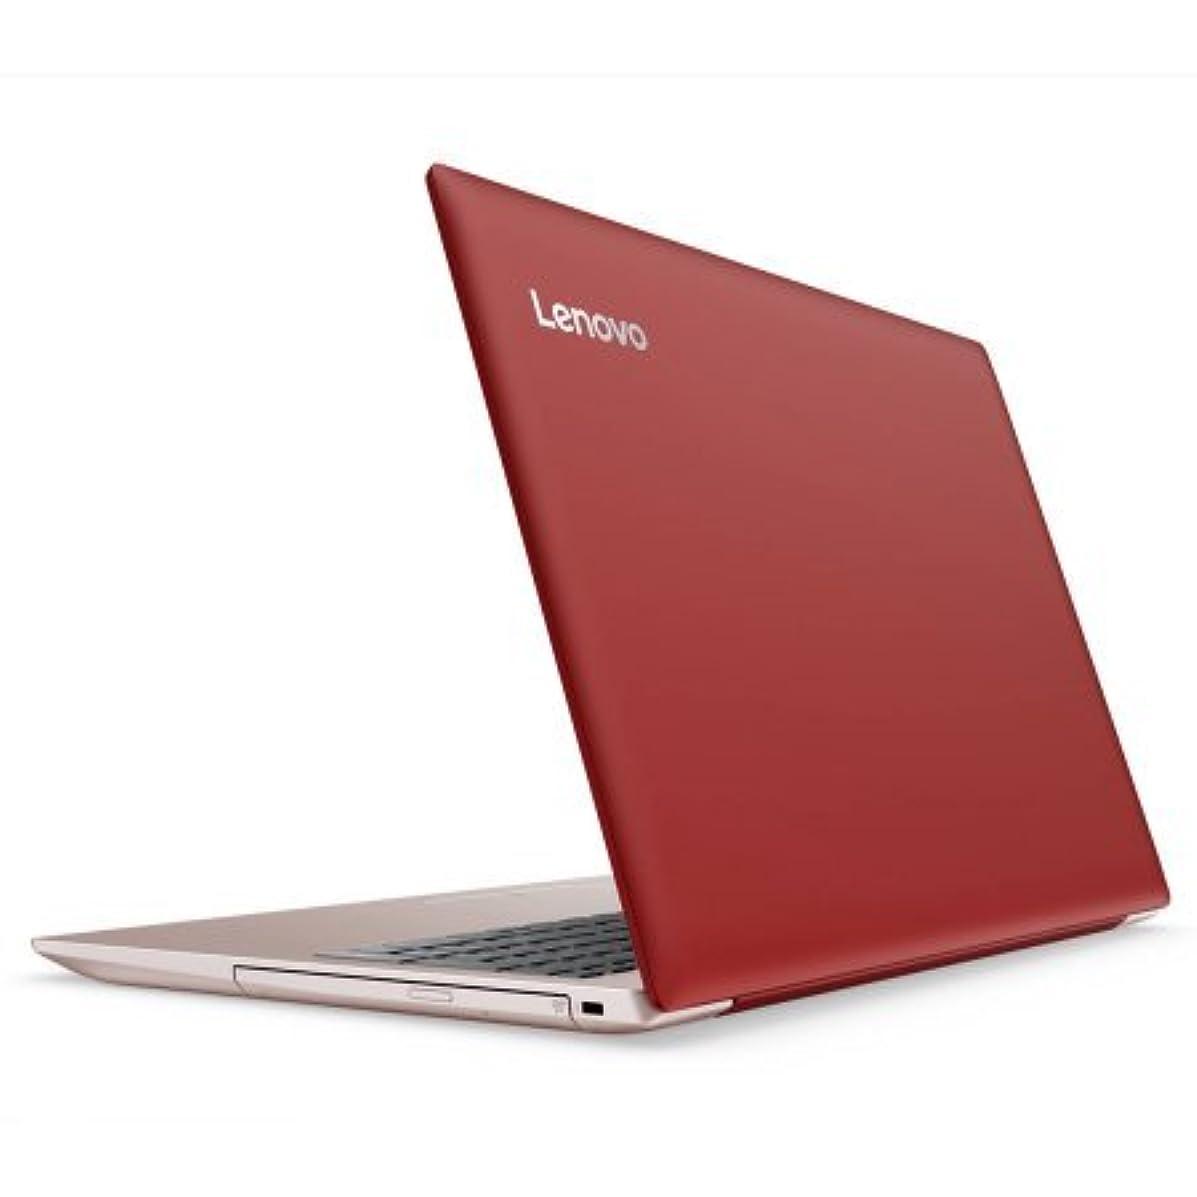 Lenovo Ideapad 15.6 inch HD Flagship High Performance Laptop | AMD A9-9420 | 4GB RAM | 1TB HDD | Bluetooth | DVD-RW | HDMI | Windows 10 Home (Red)